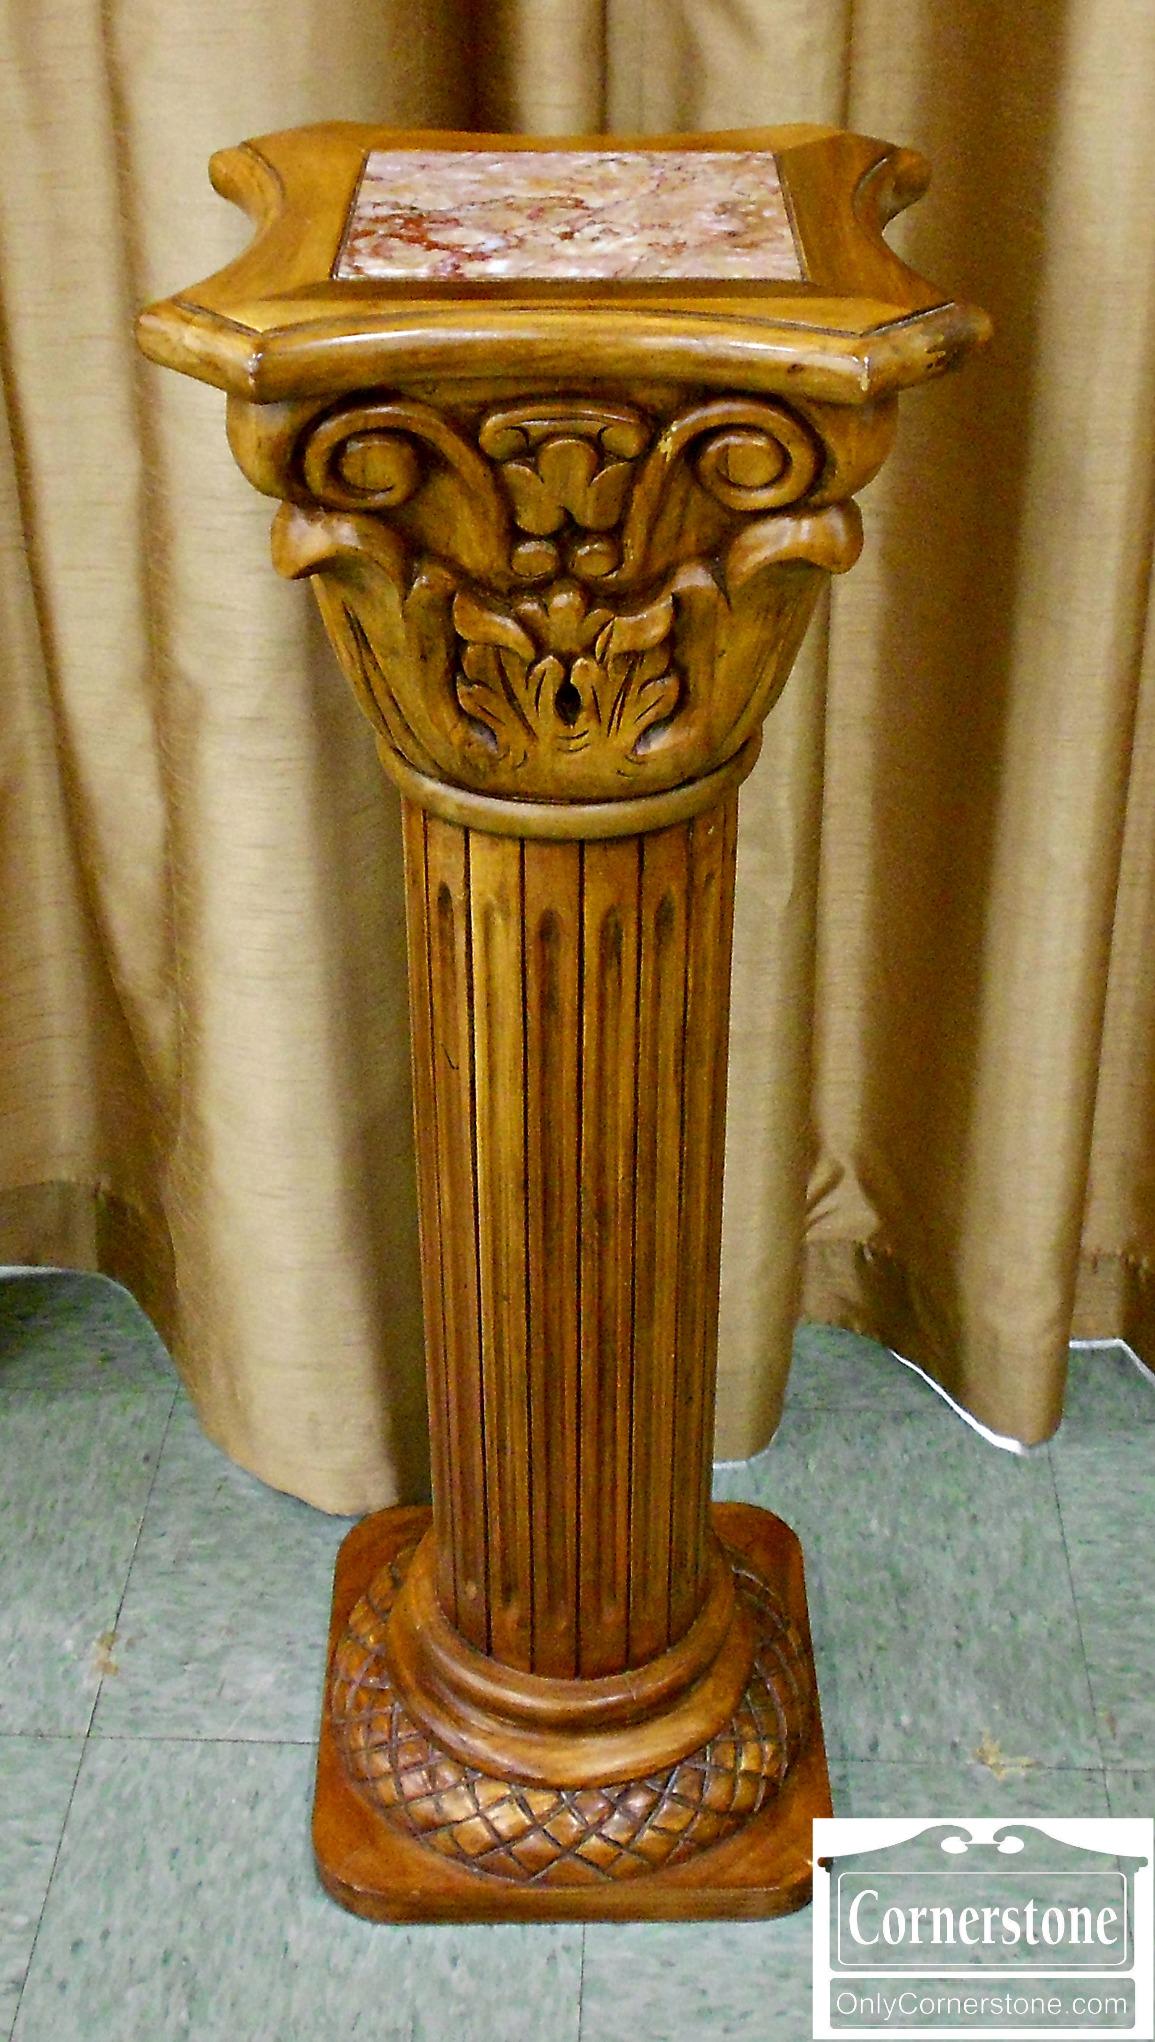 5965-65 Marble Top Pedestal